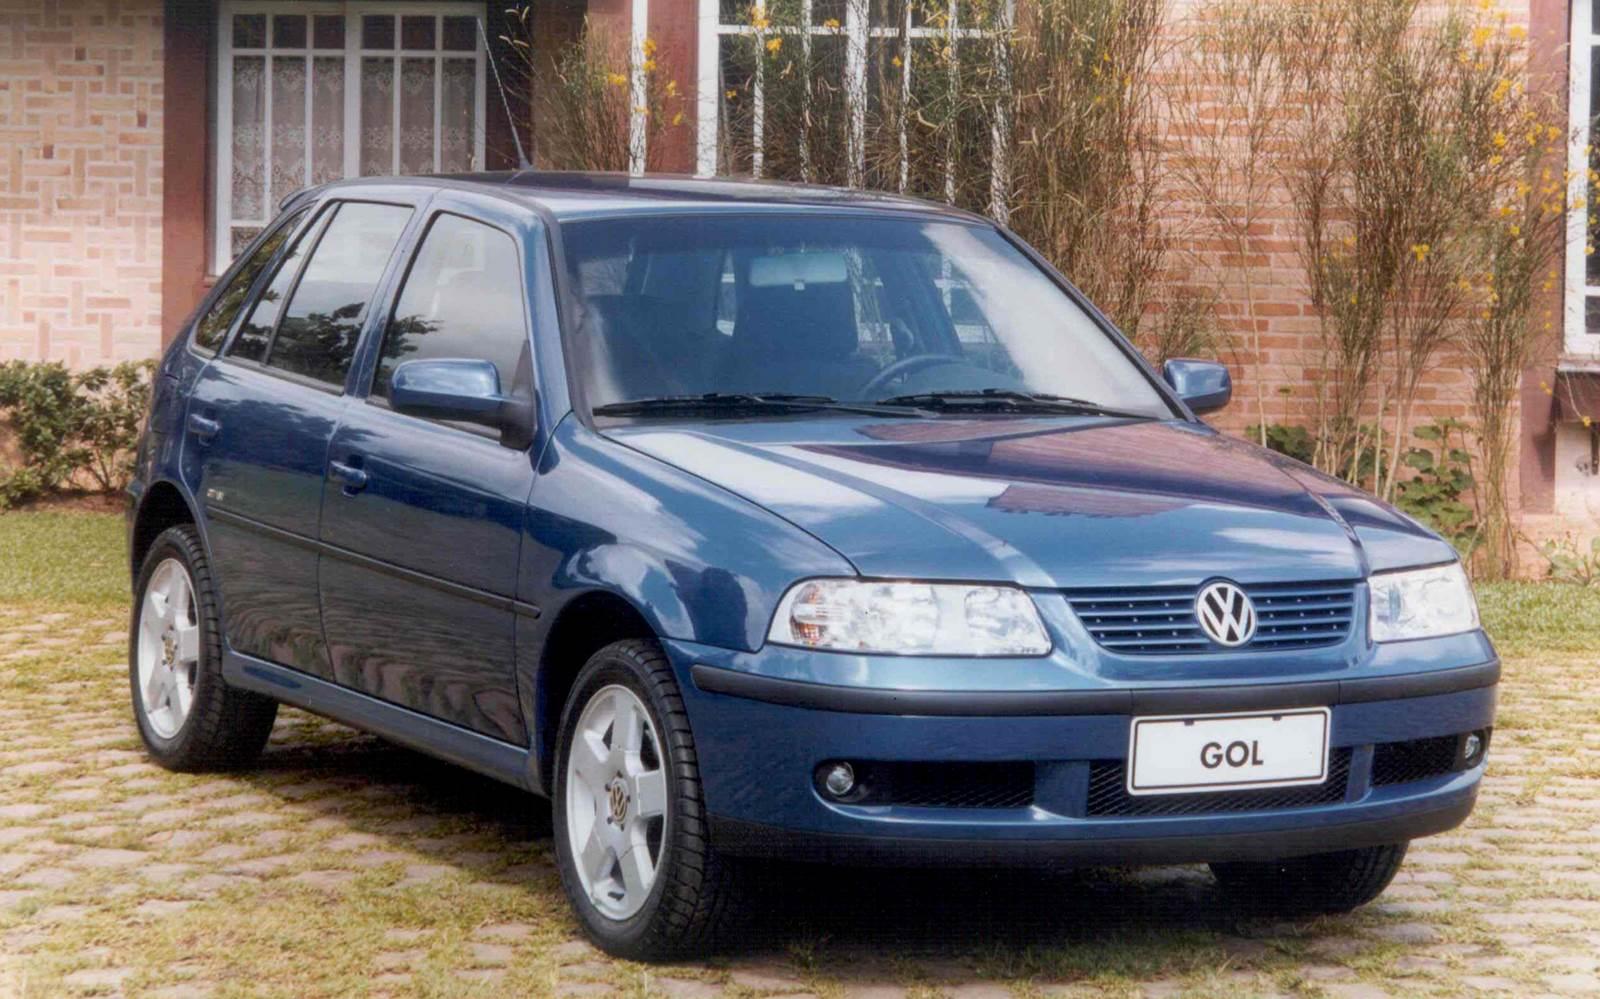 VW Gol GTI 2003